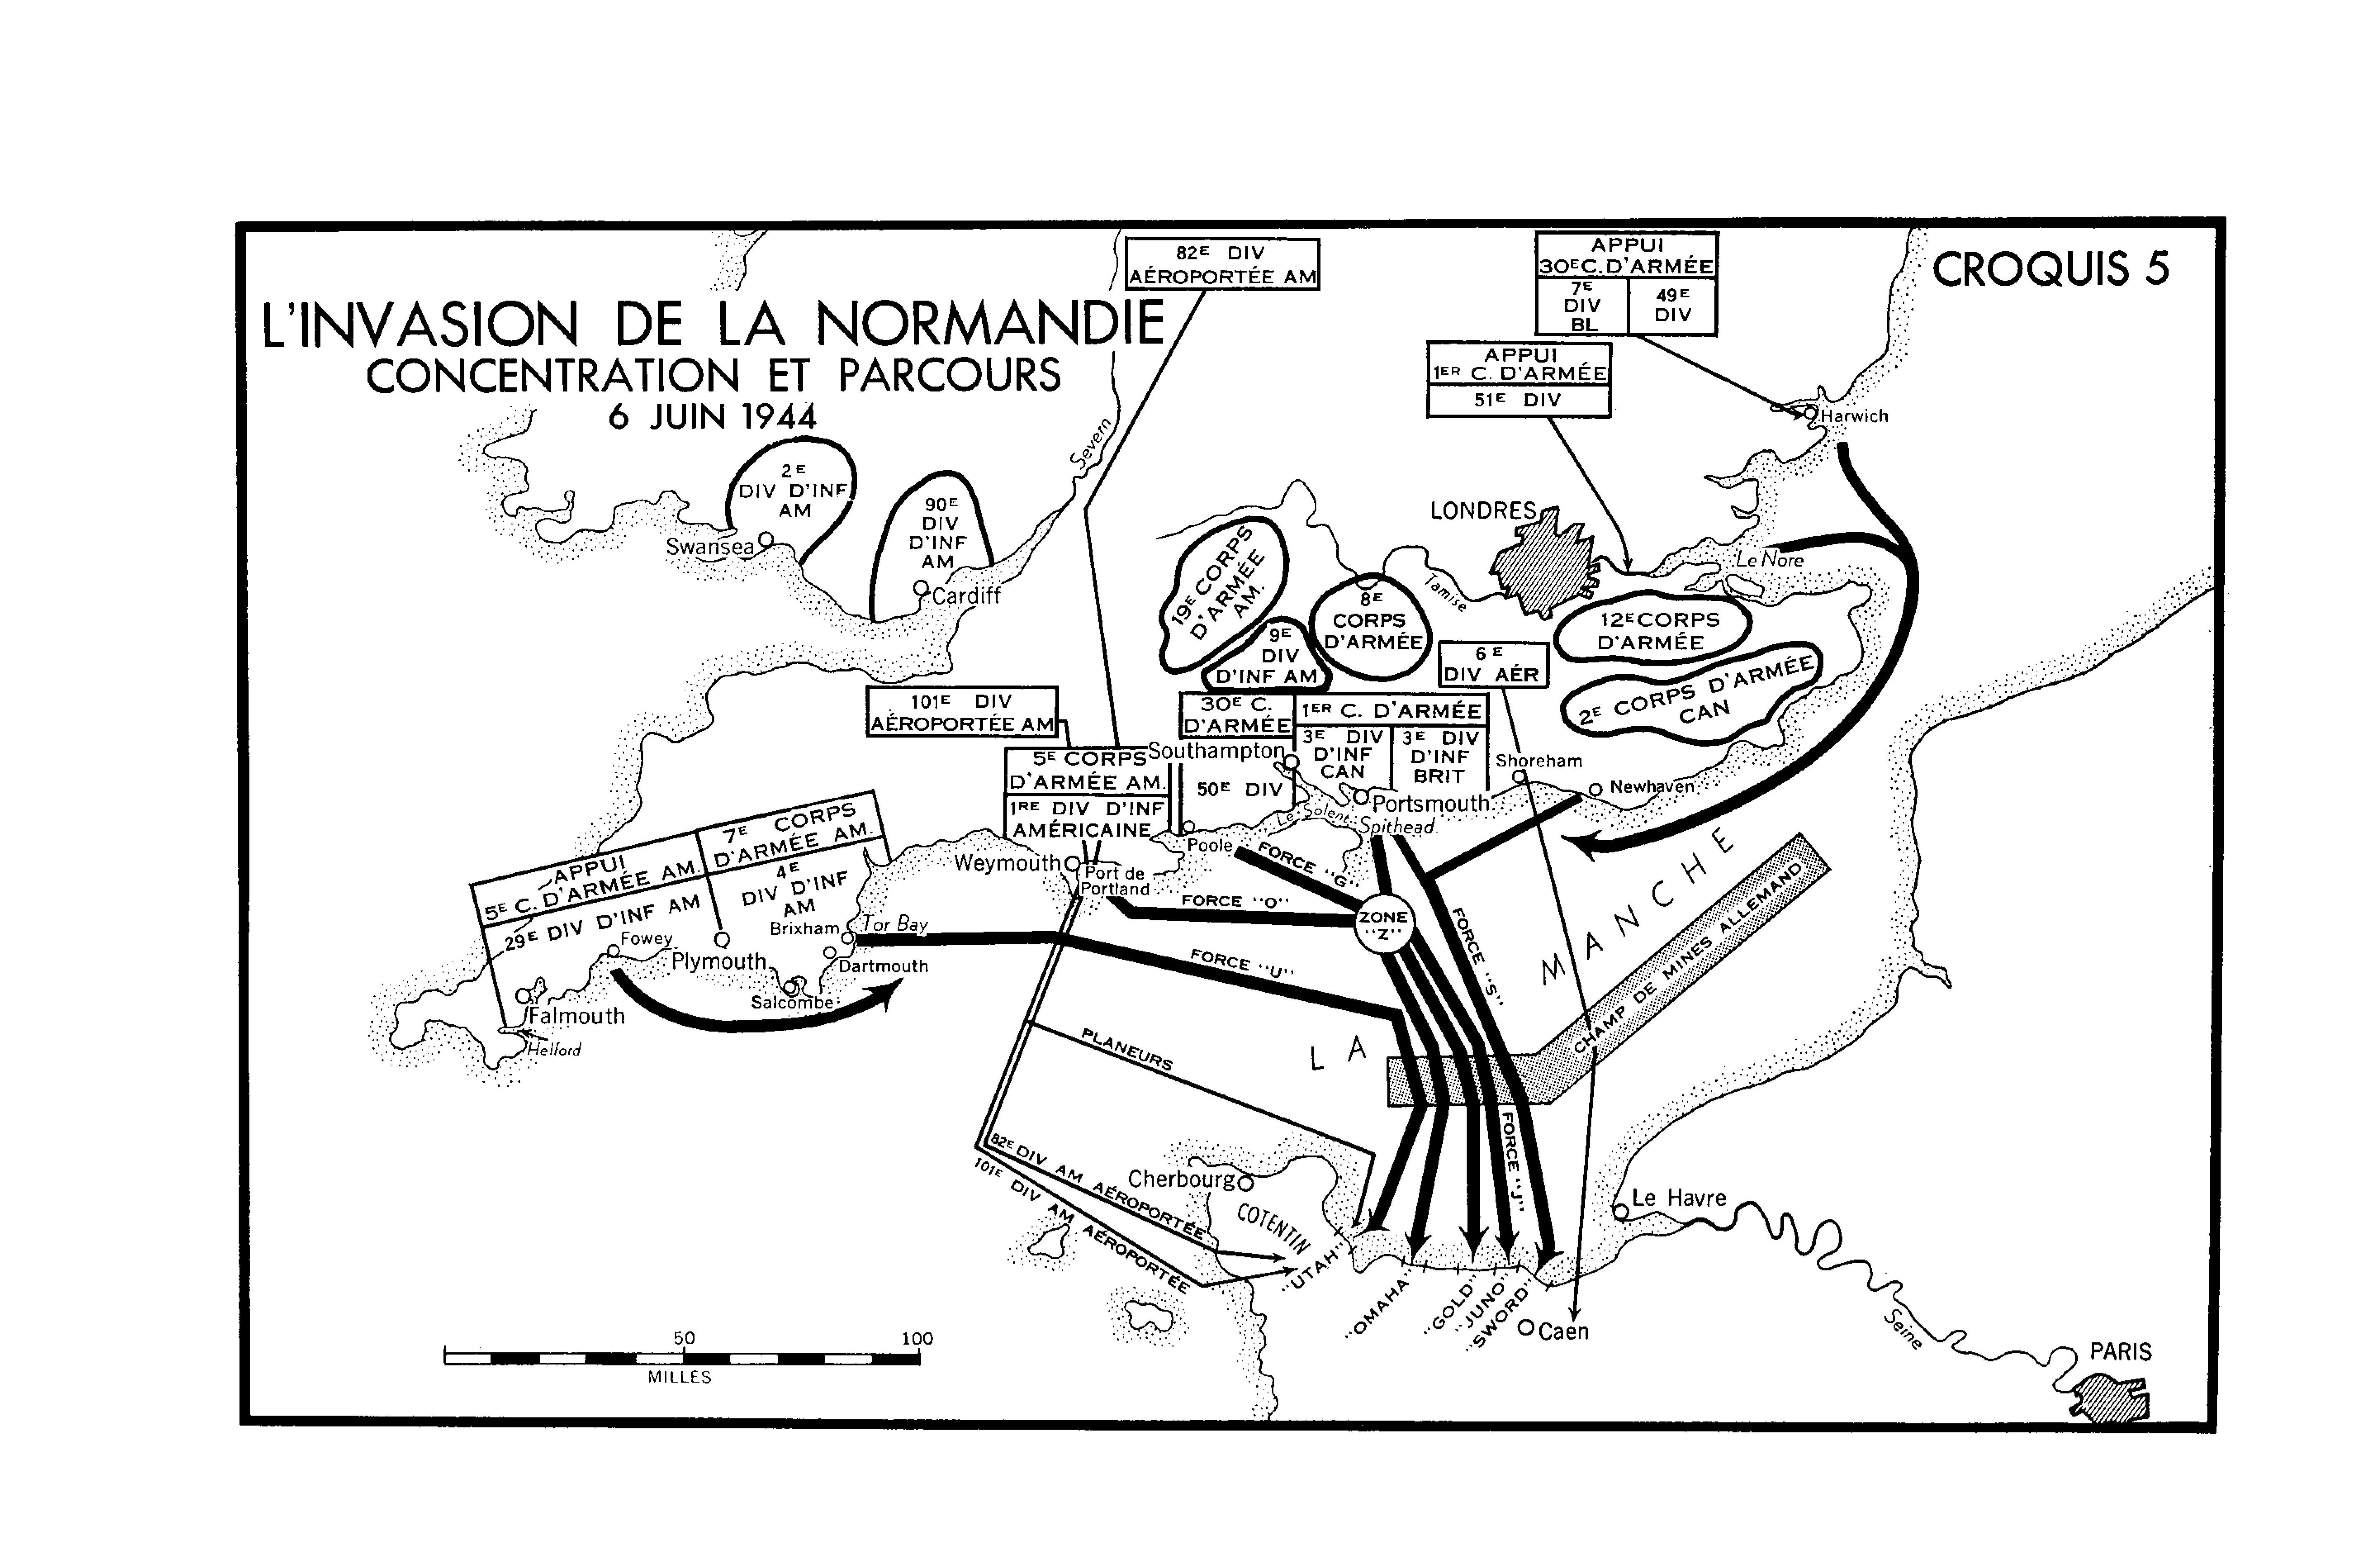 Une carte en blanc et noir. L'Invasion de la Normandie - Concentration et Parcours (6 juin 1944)